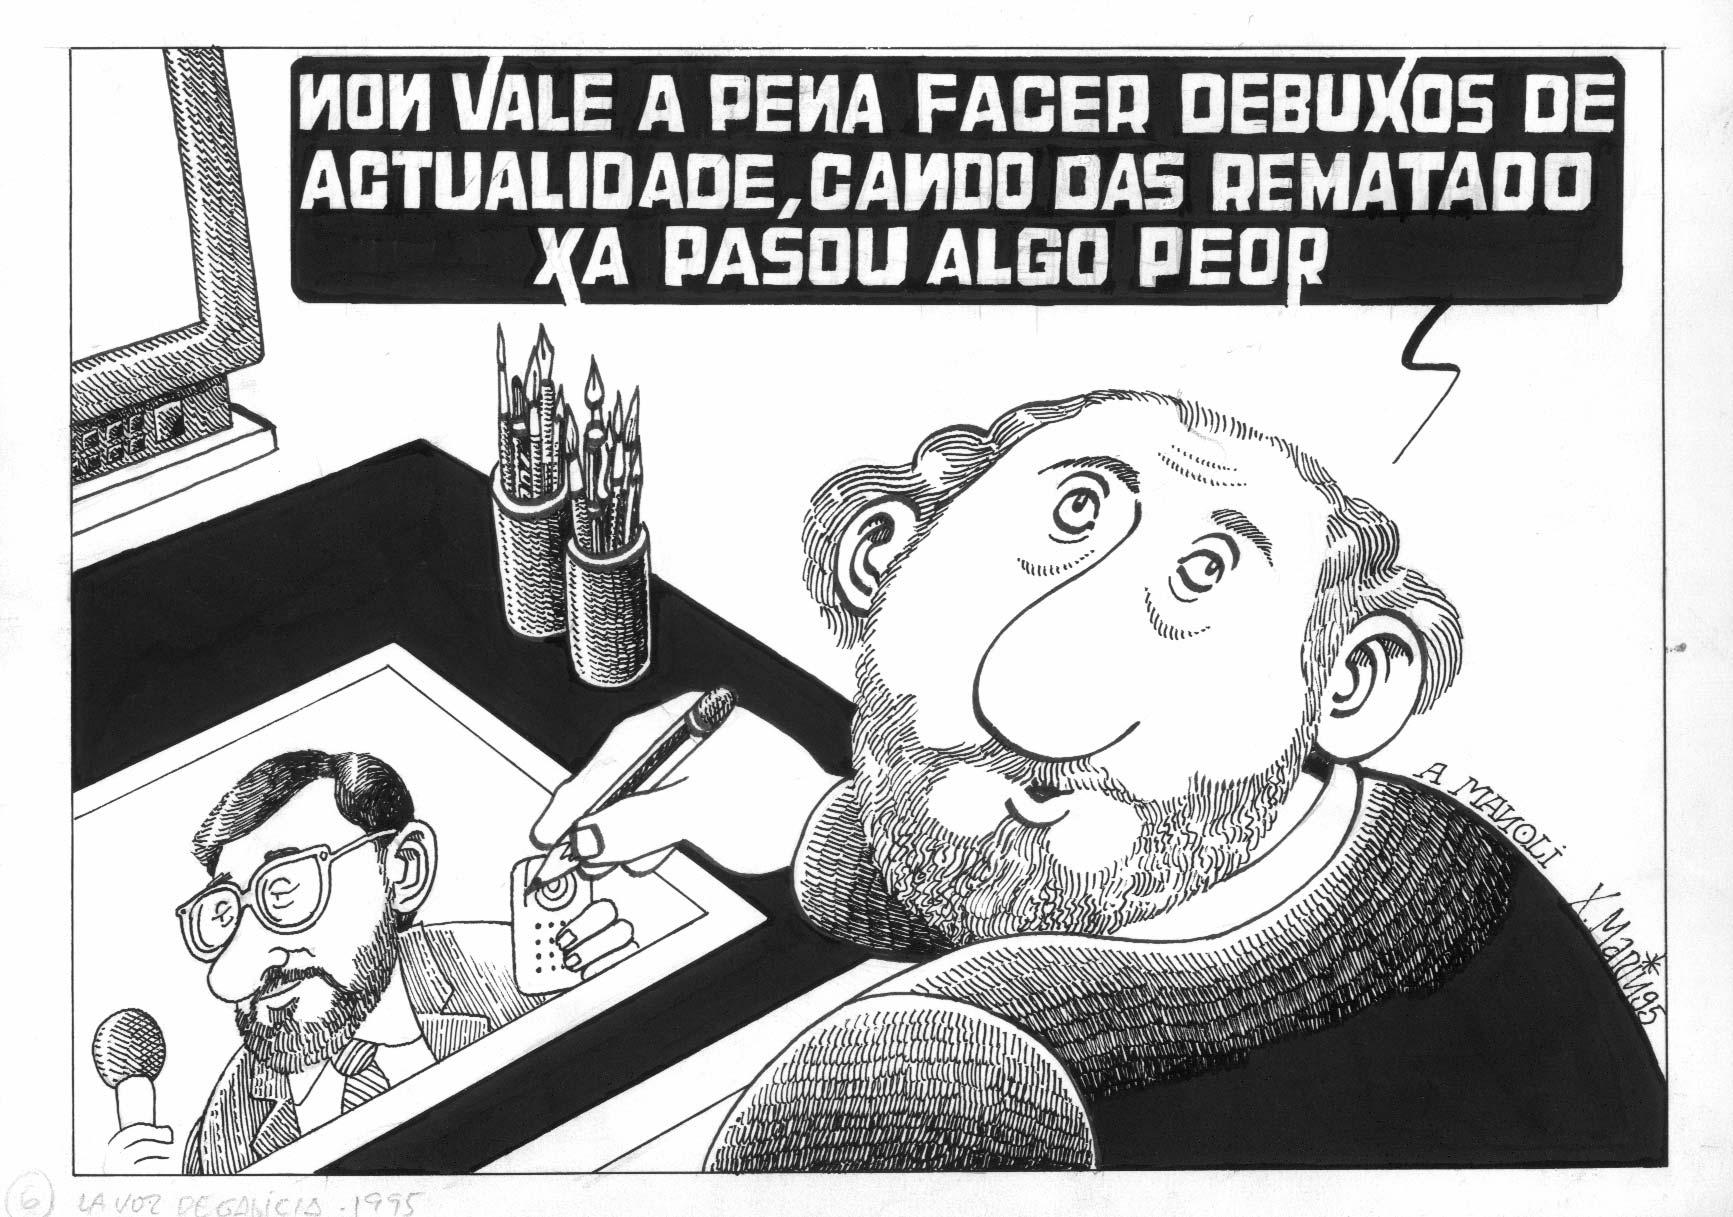 Xaquín Marín marcou co seu traballo a recuperación do humor gráfico en Galicia